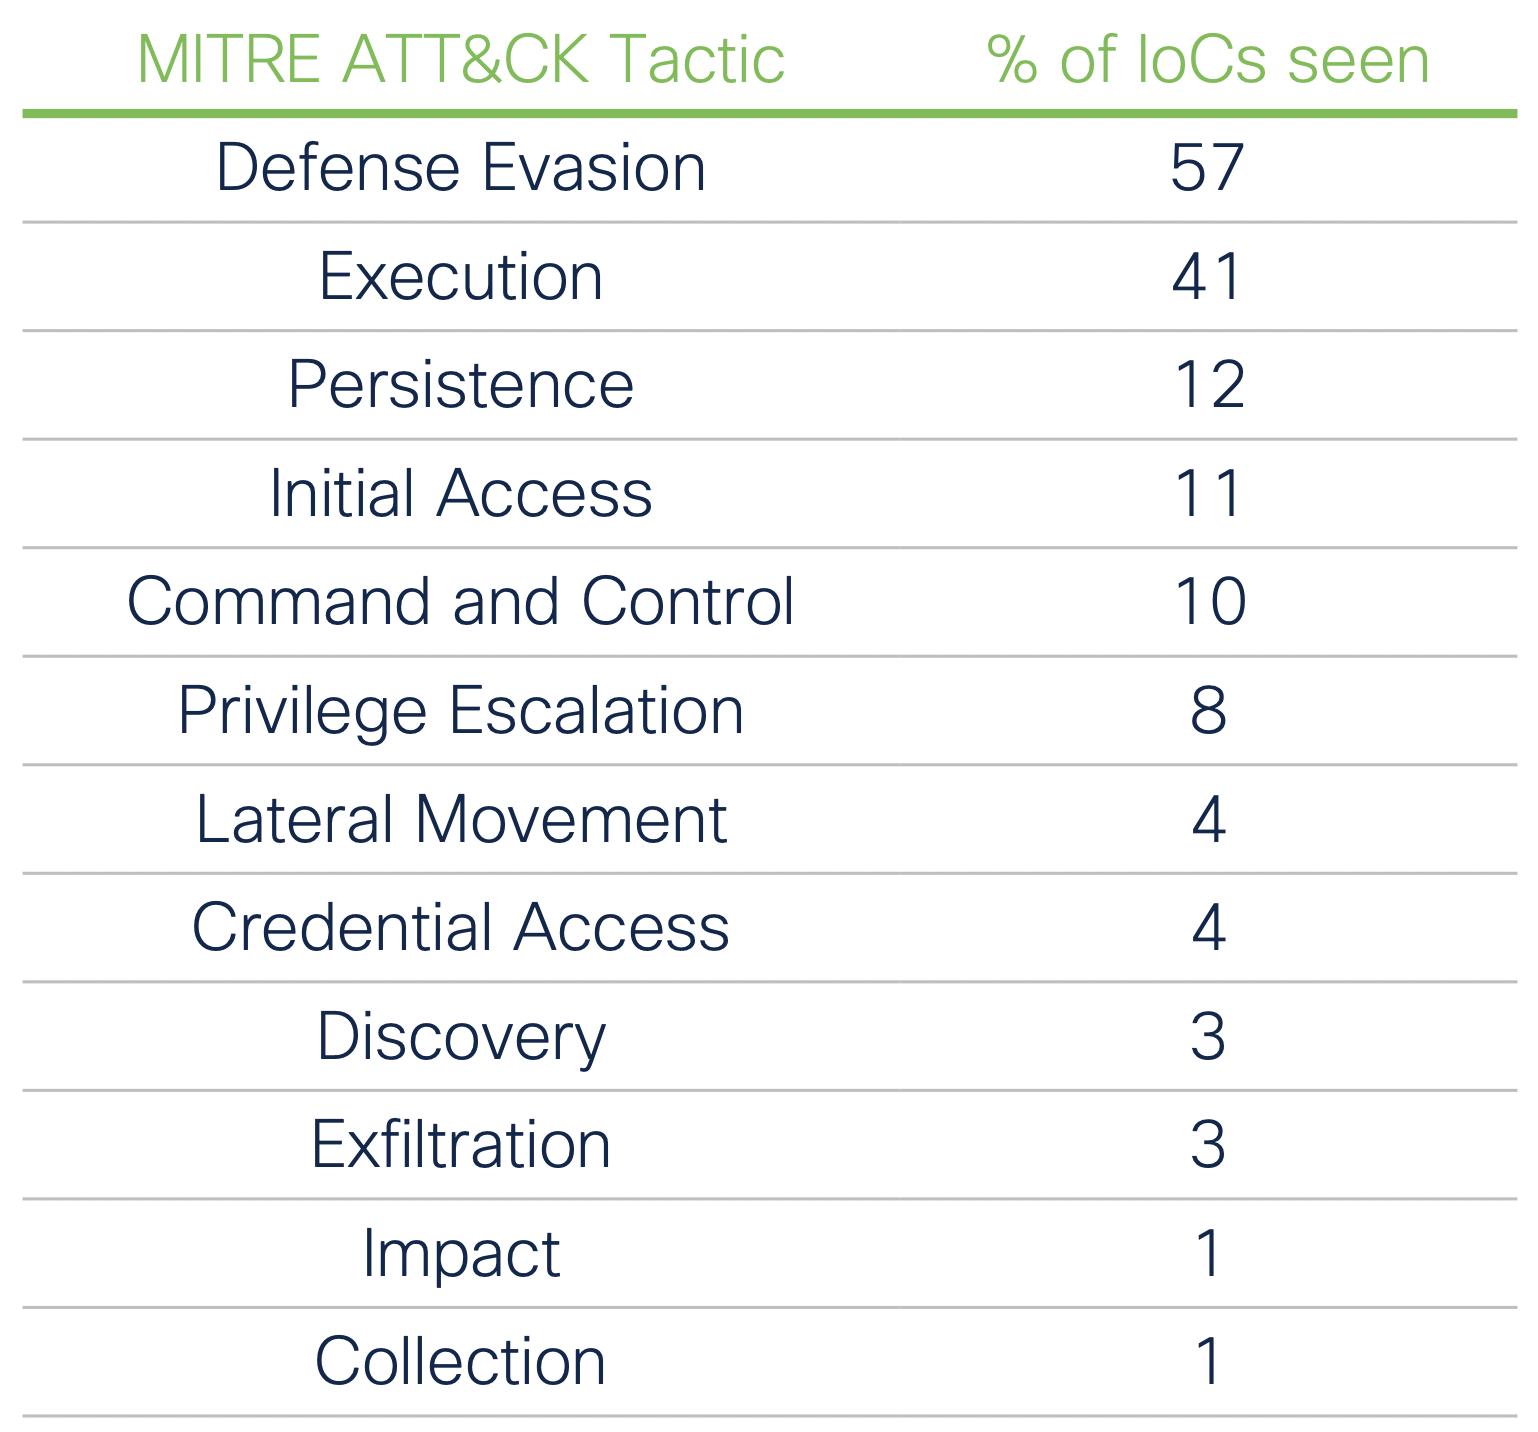 IoCs grouped by MITRE ATT&CK tactics